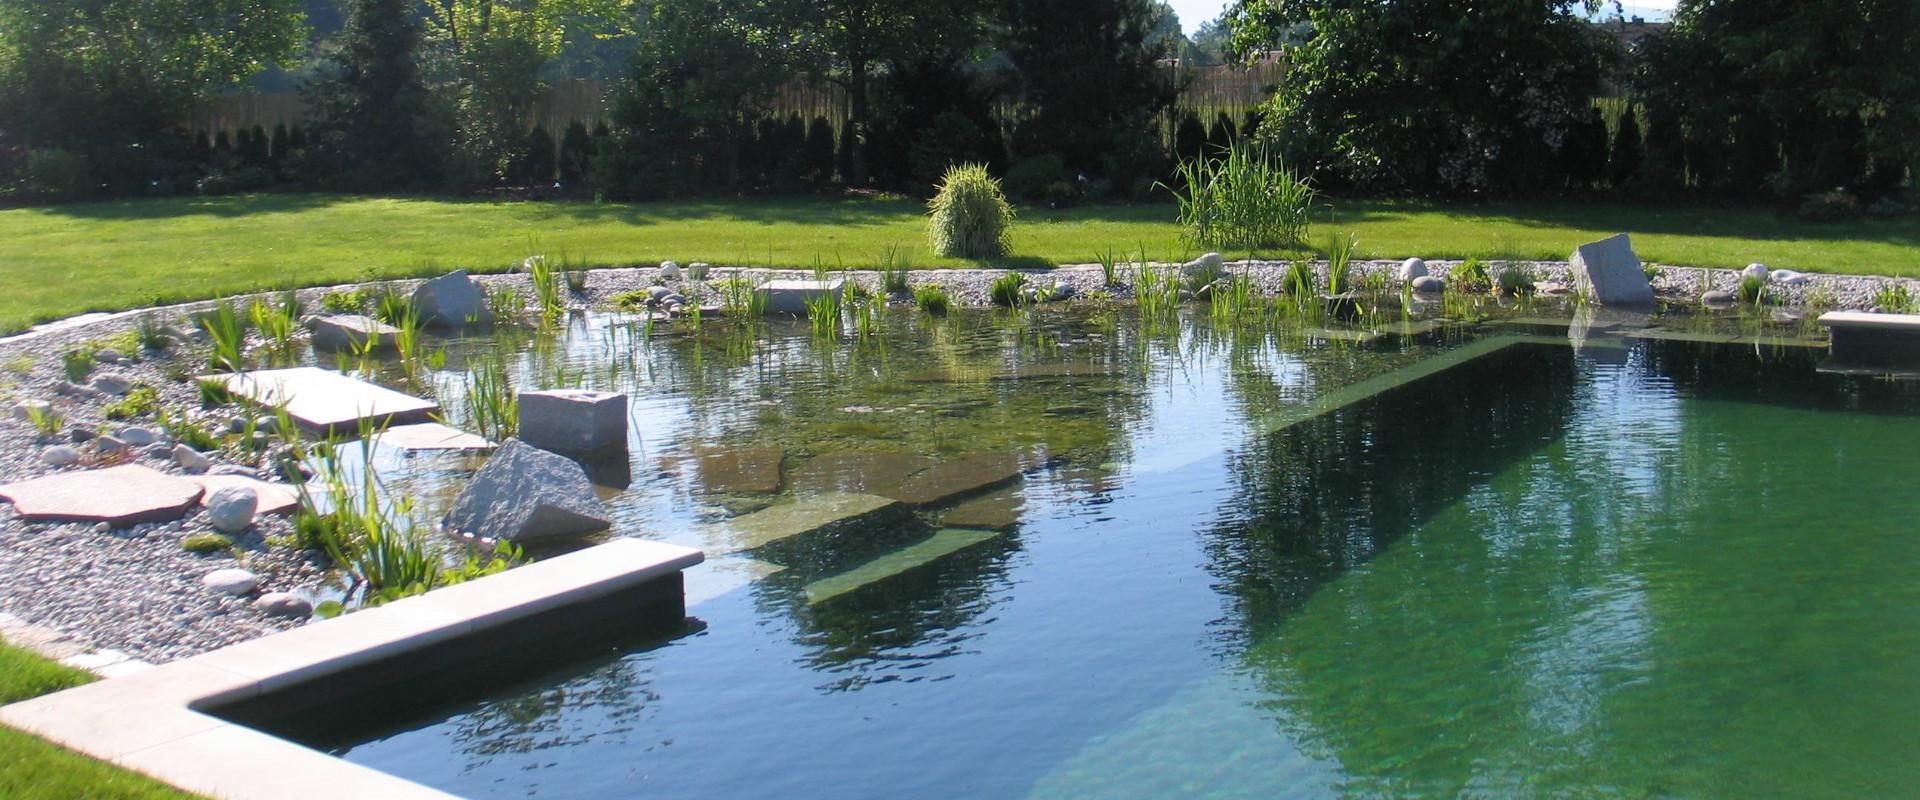 Een zwemvijver een groen alternatief voor een zwembad - Ontwikkeling rond een zwembad ...